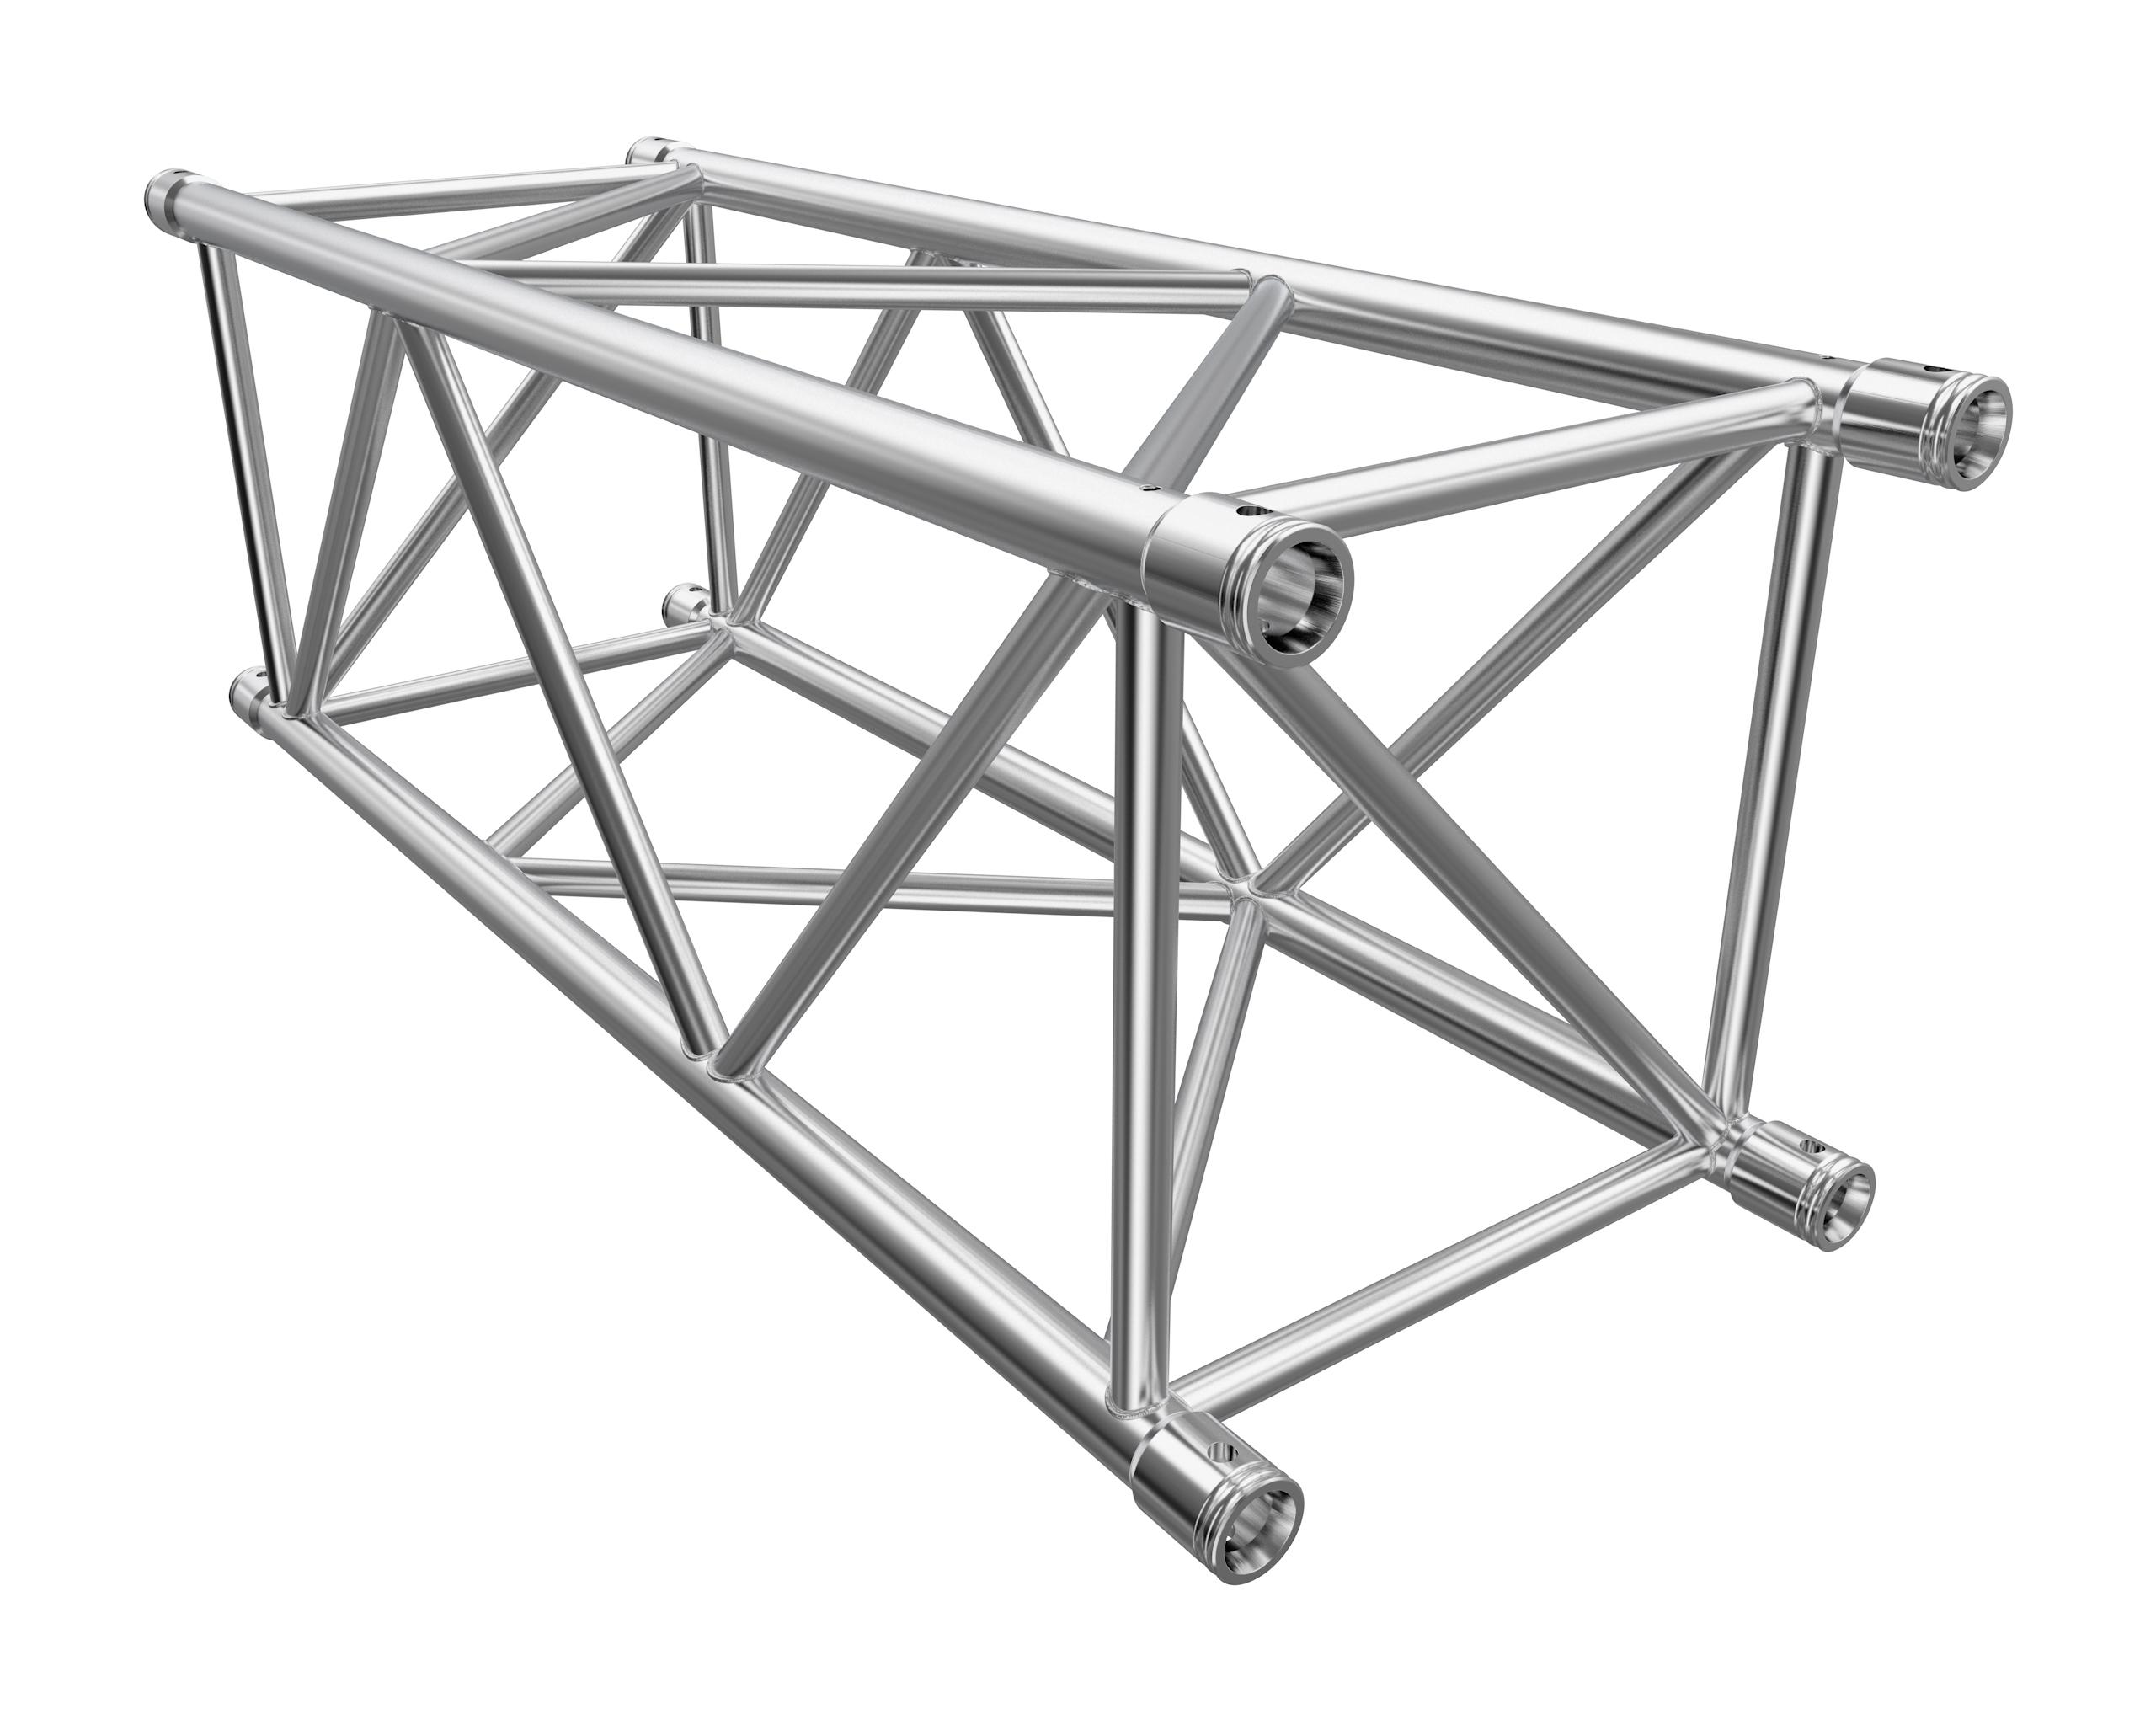 F54 150cm